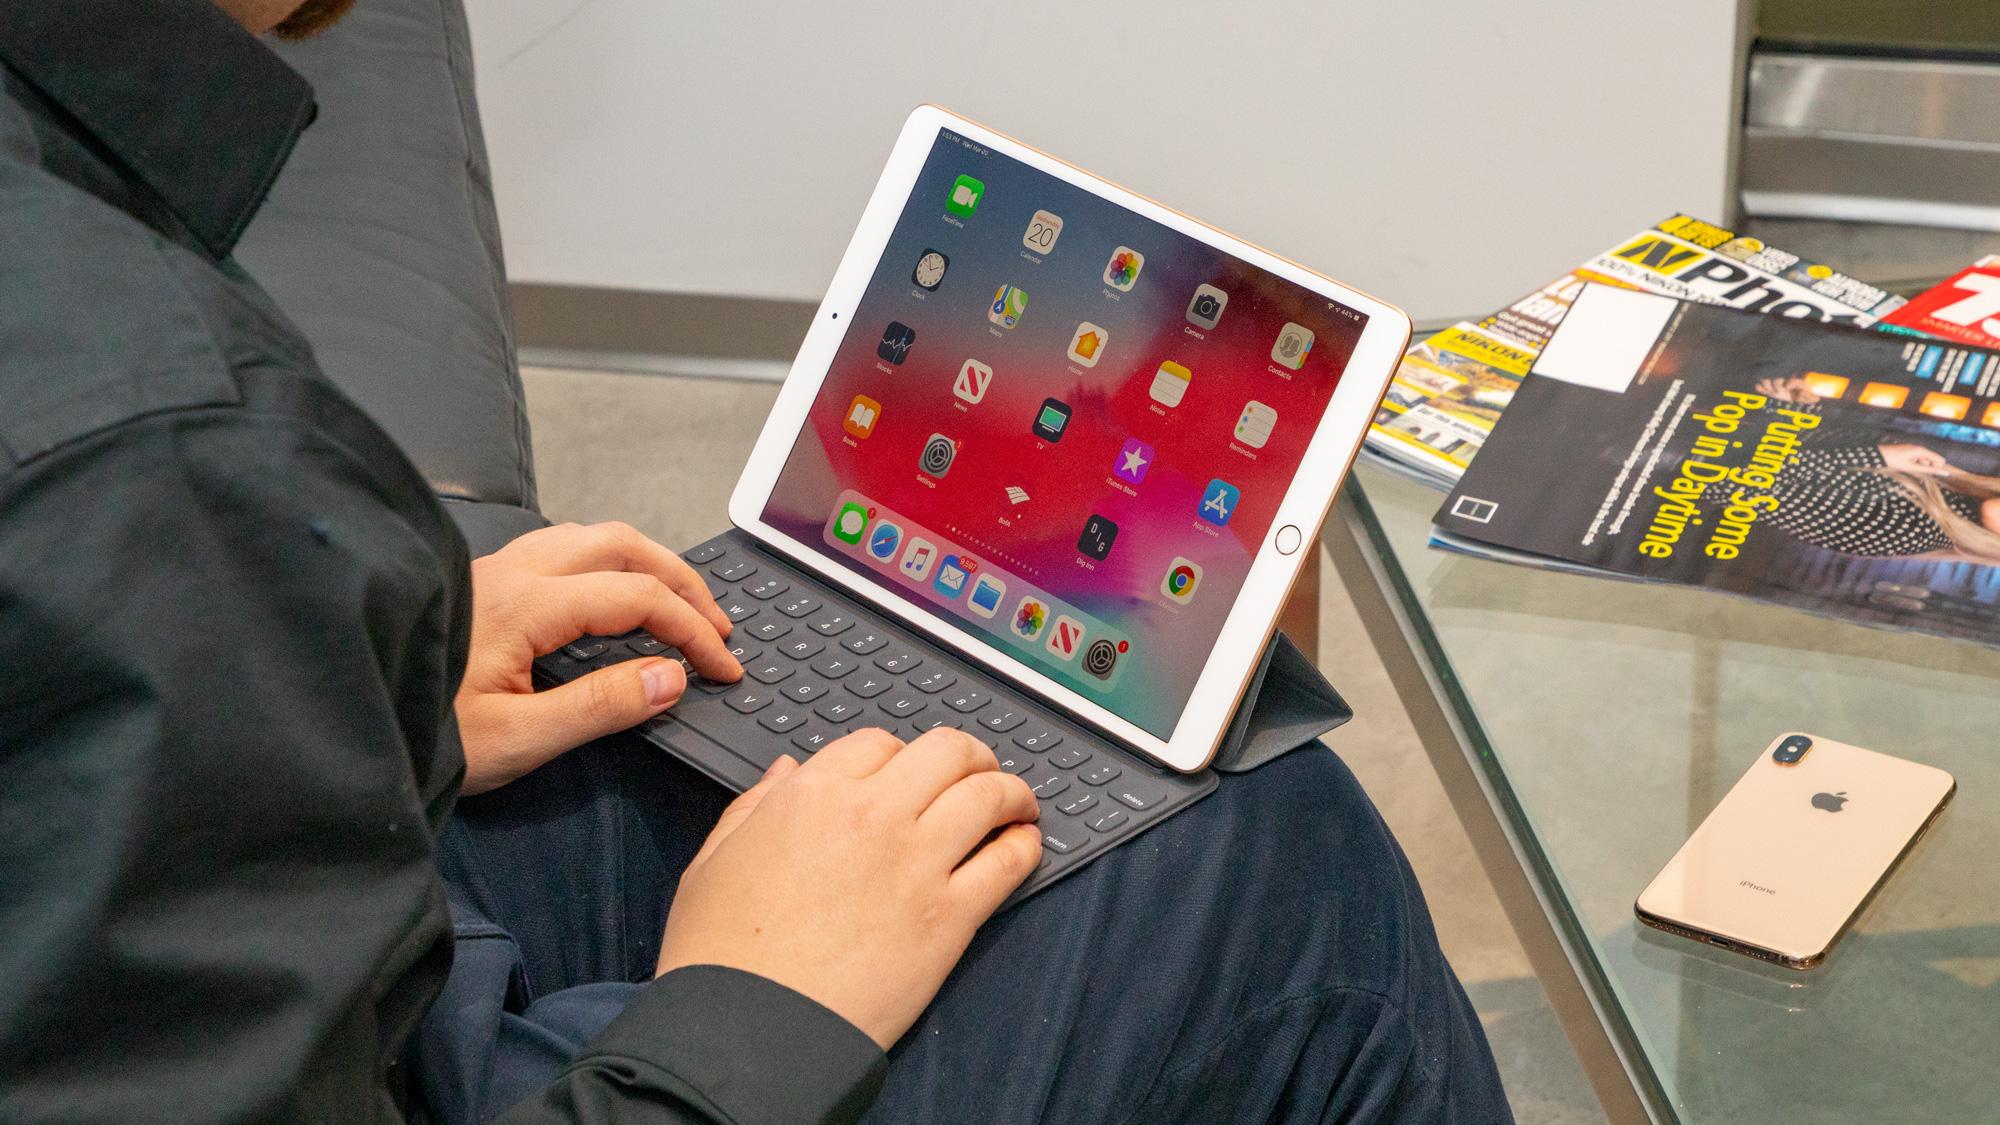 苹果新款iPad Air4曝光,搭载A14处理器